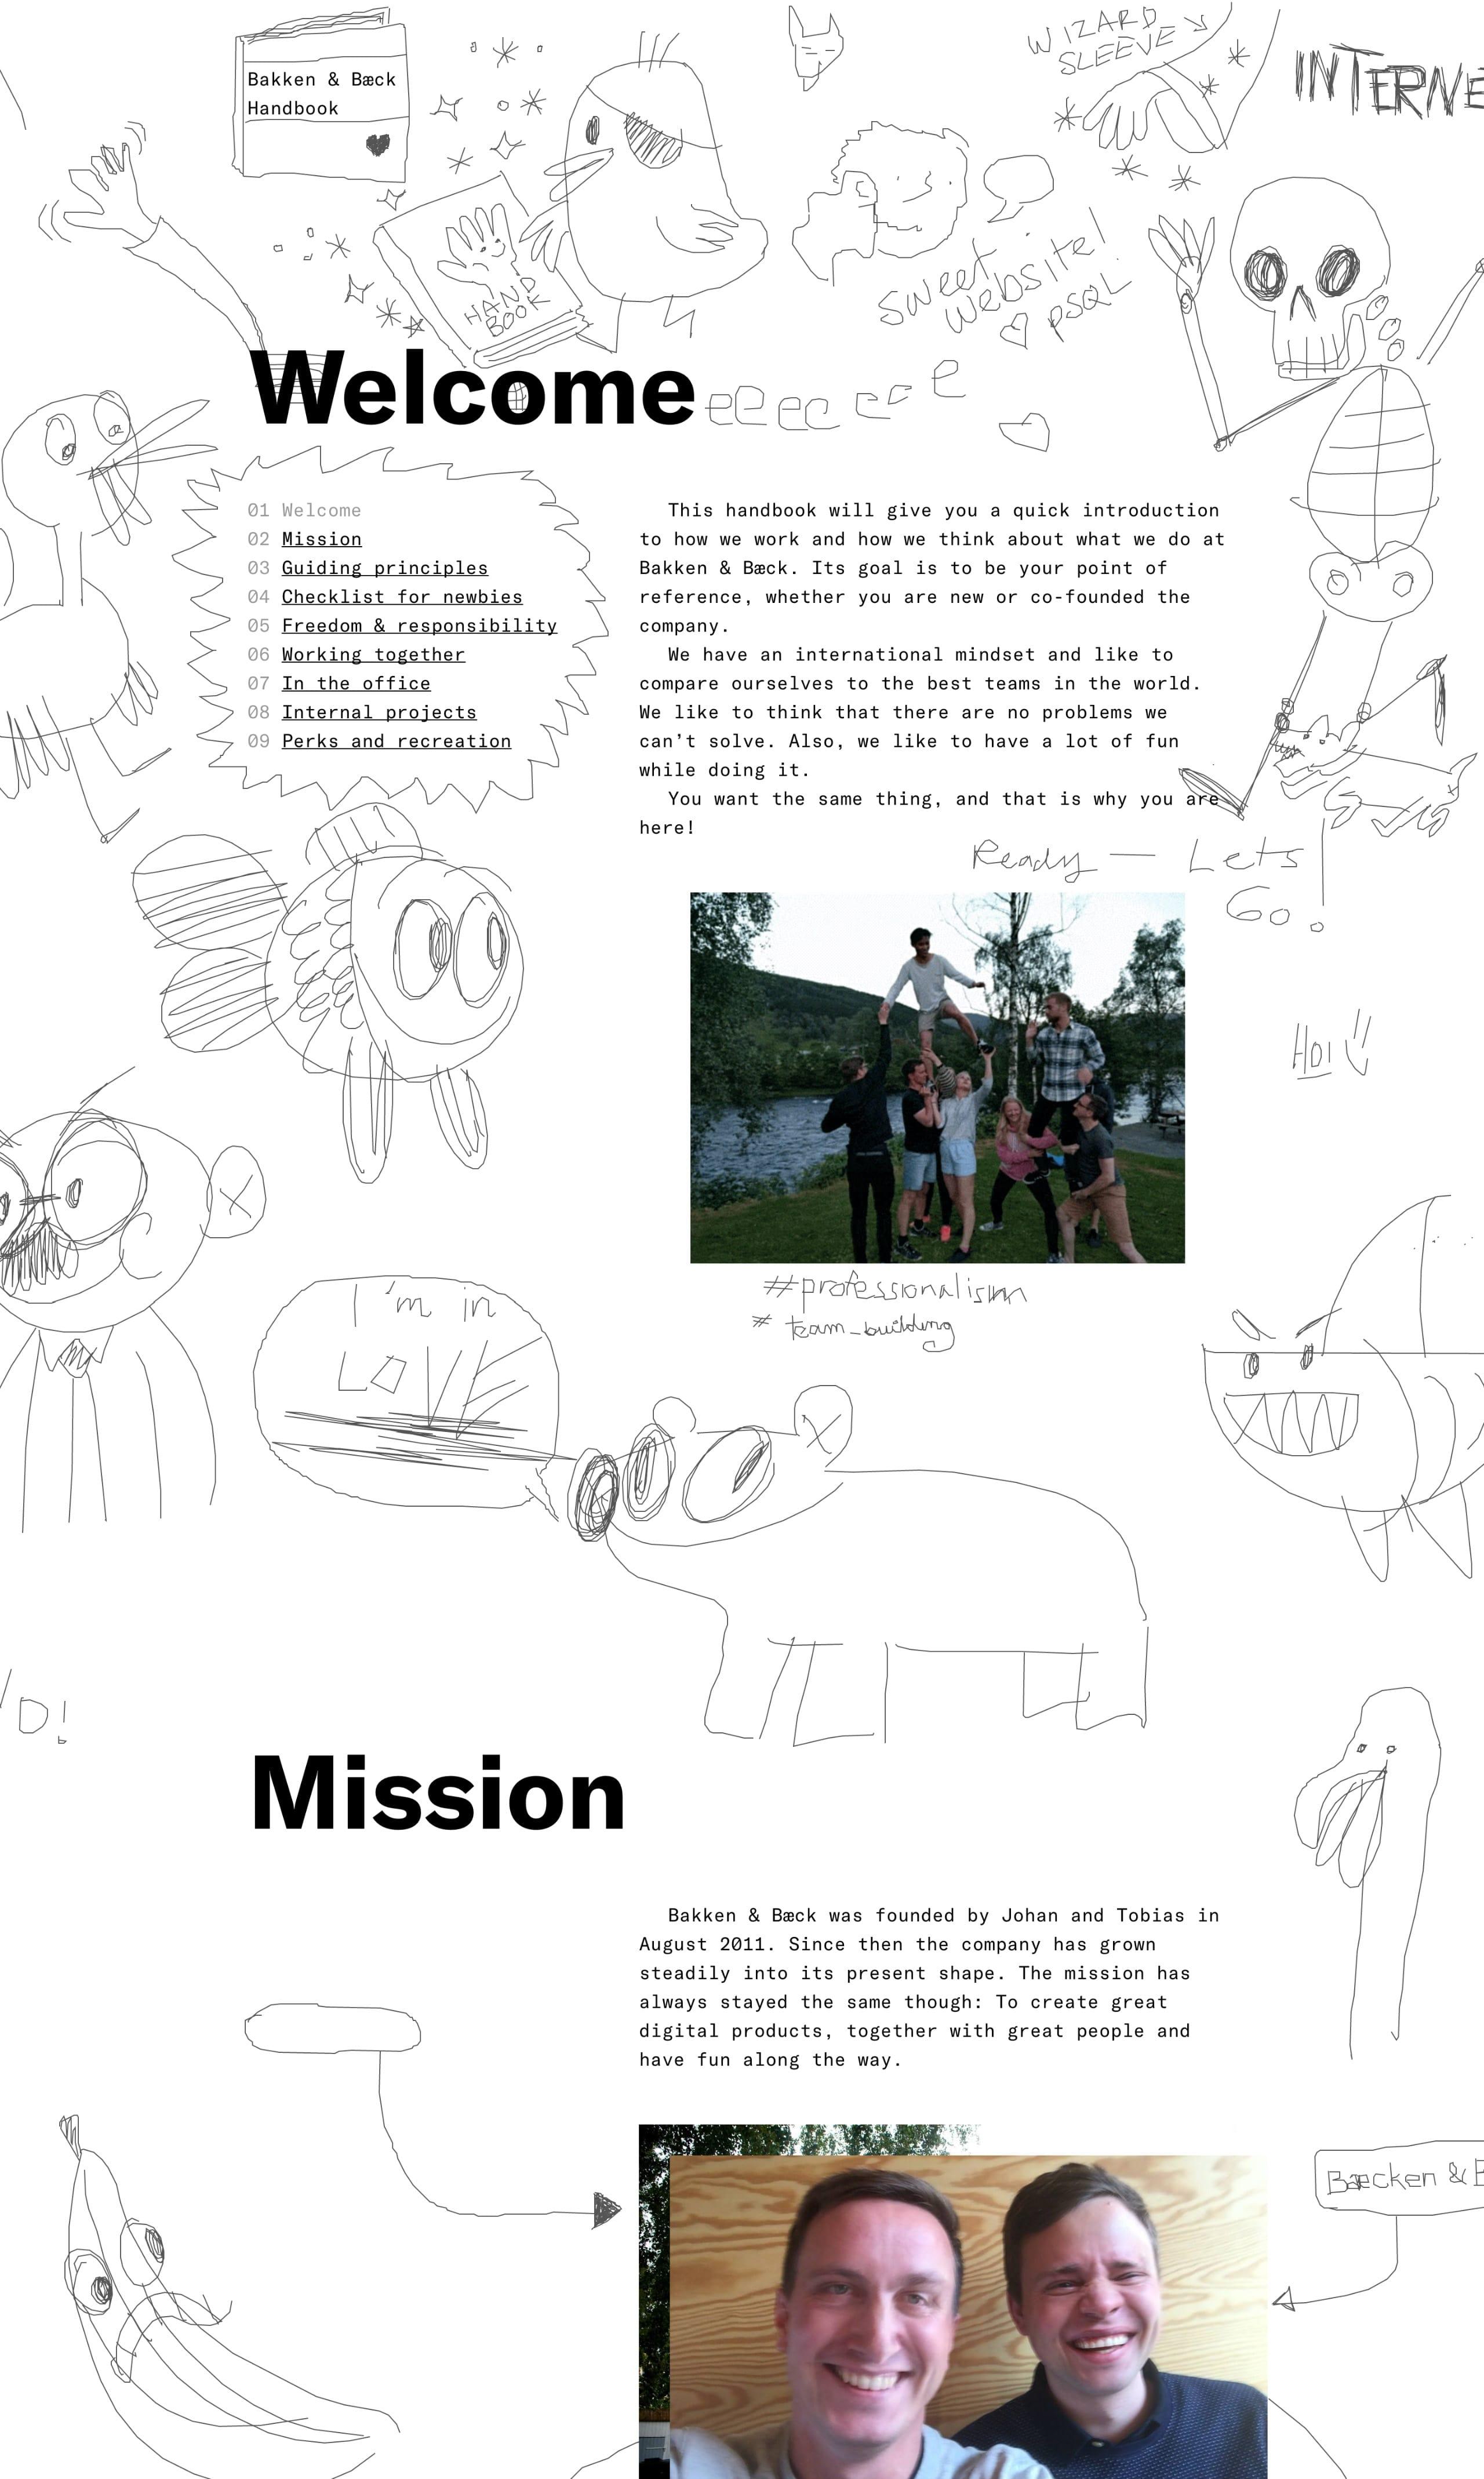 Bakken & Bæck Handbook Website Screenshot